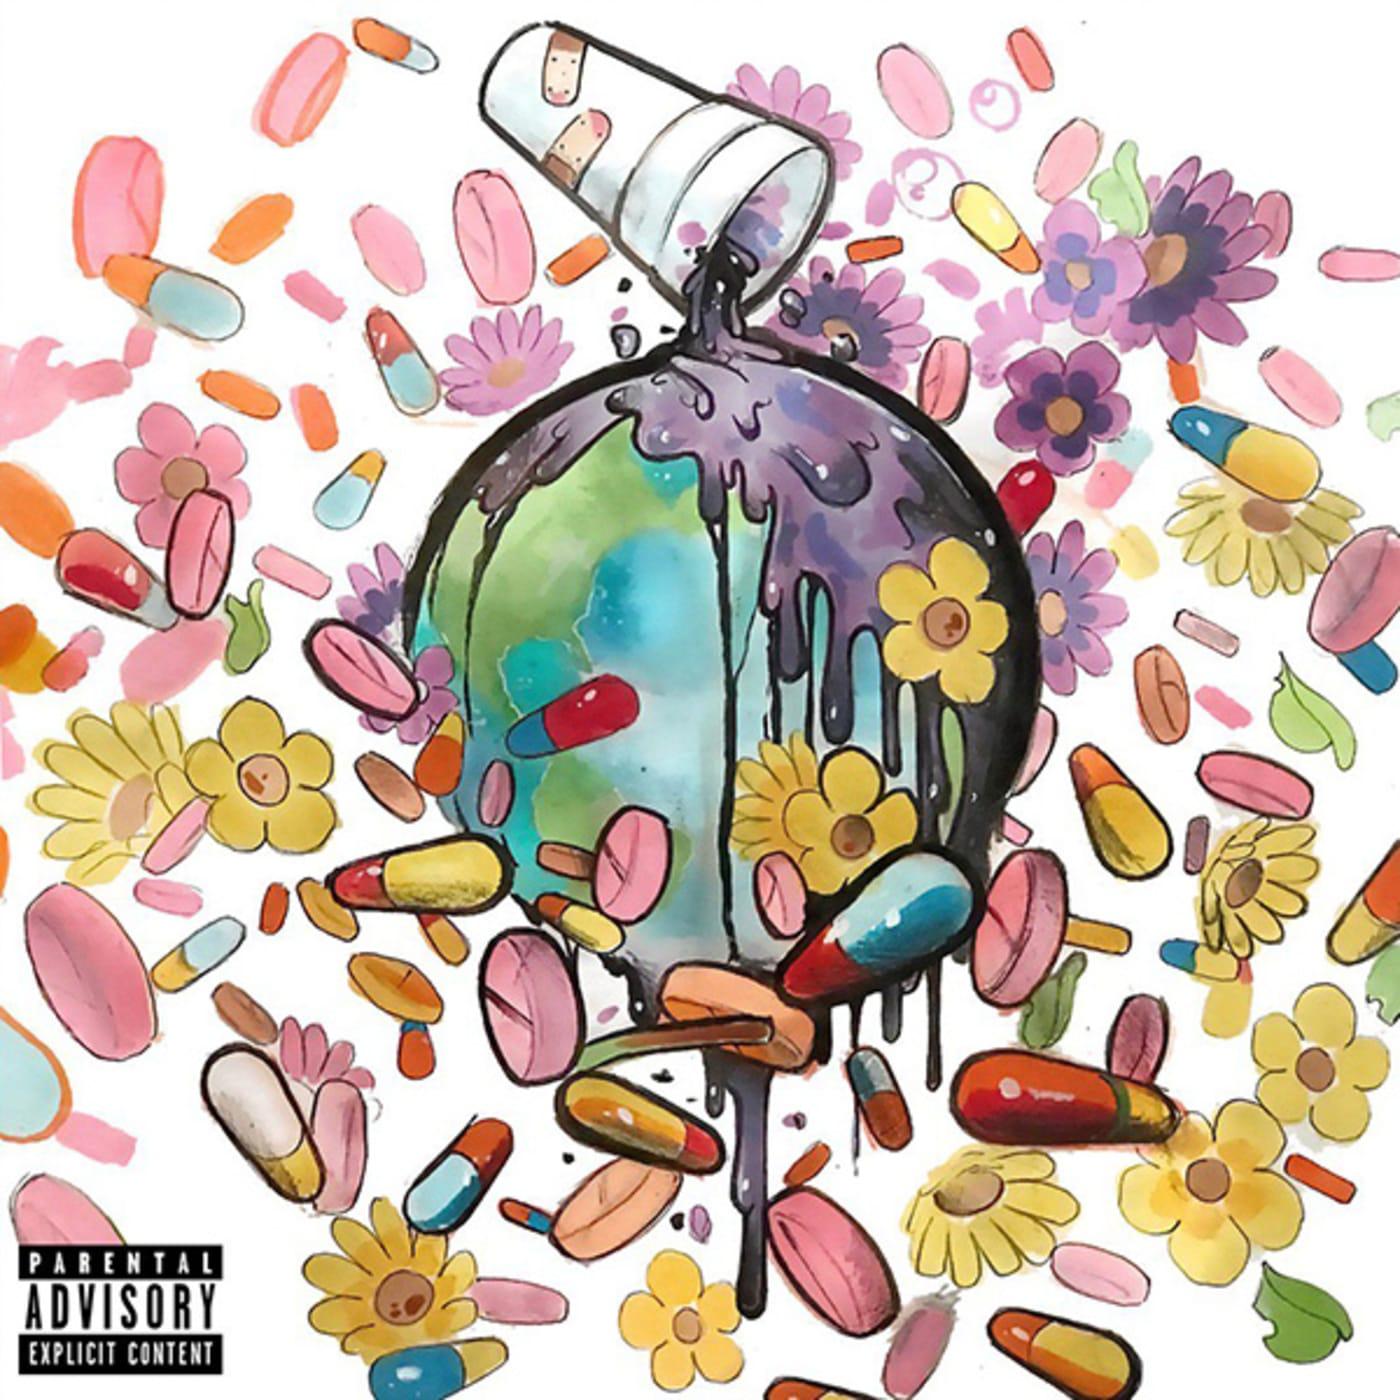 Future x Juice WRLD 'Wrld on Drugs'